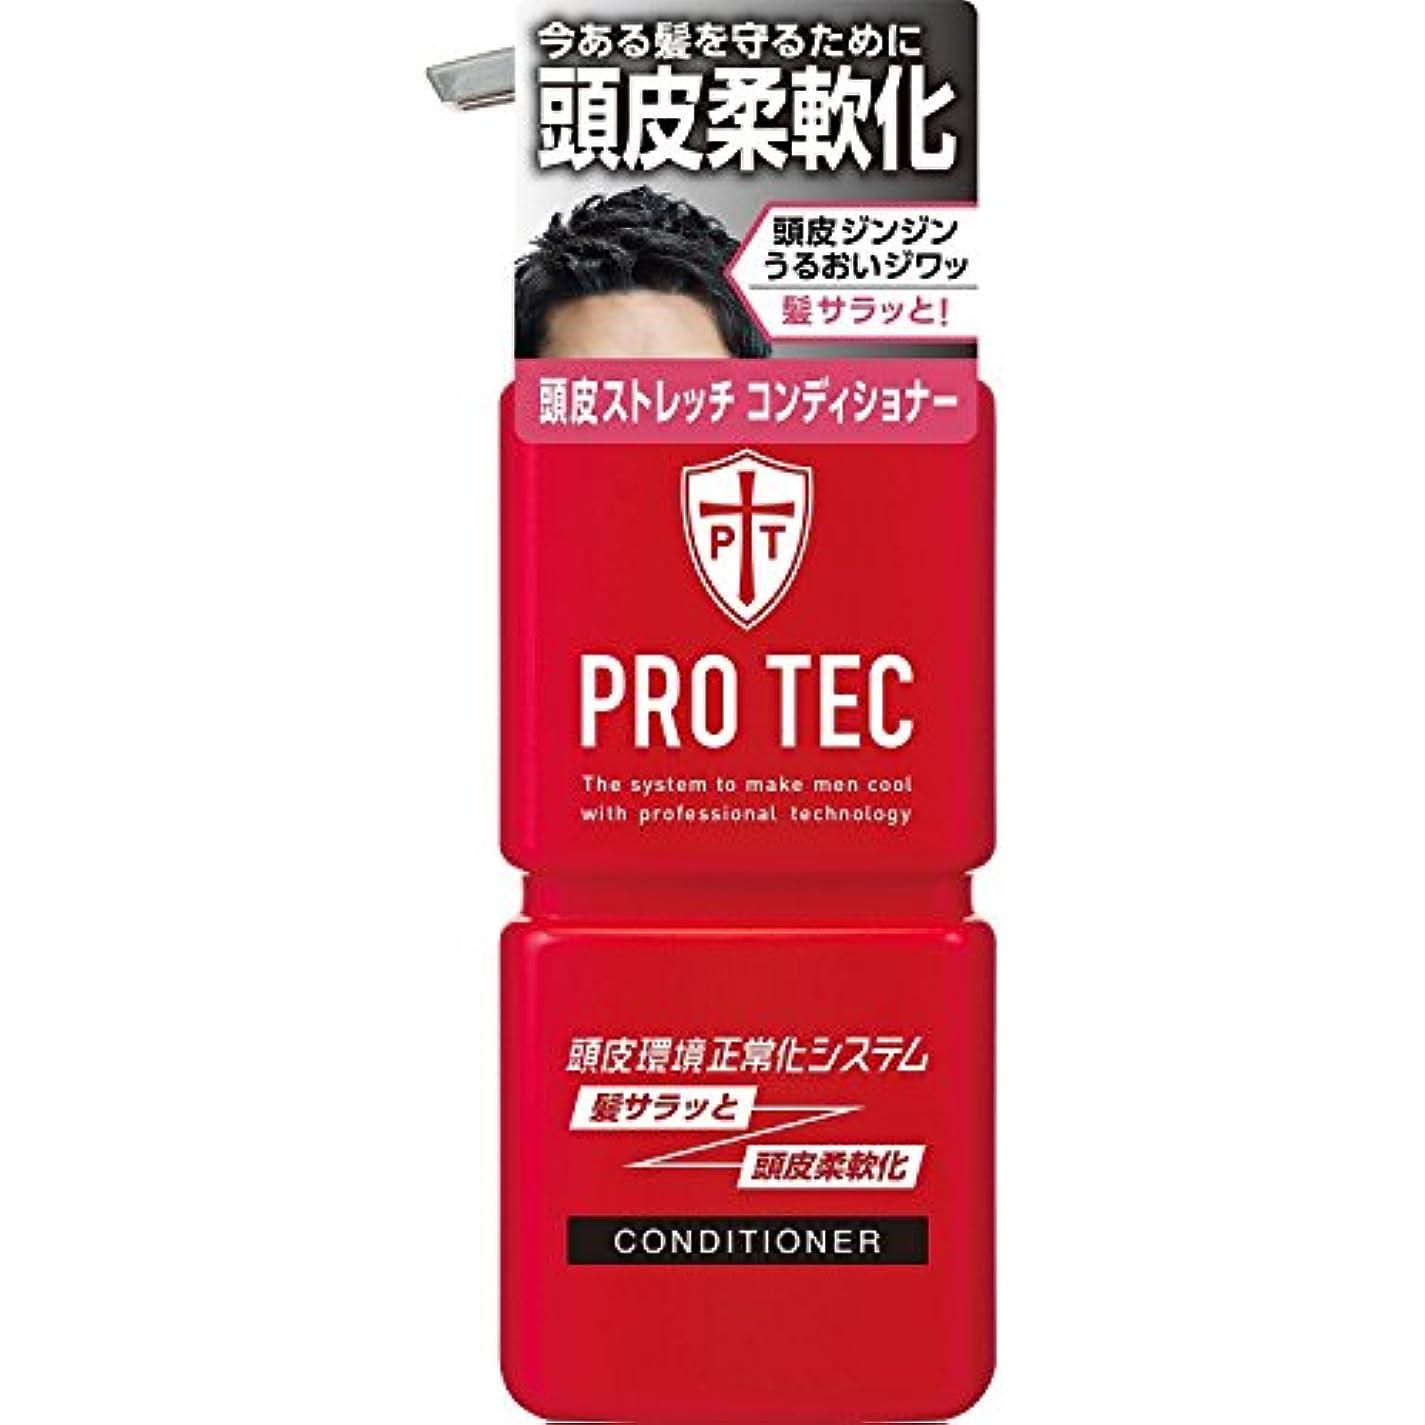 首尾一貫した極めて無傷PRO TEC(プロテク) 頭皮ストレッチコンディショナー ポンプ 300g ×10個セット